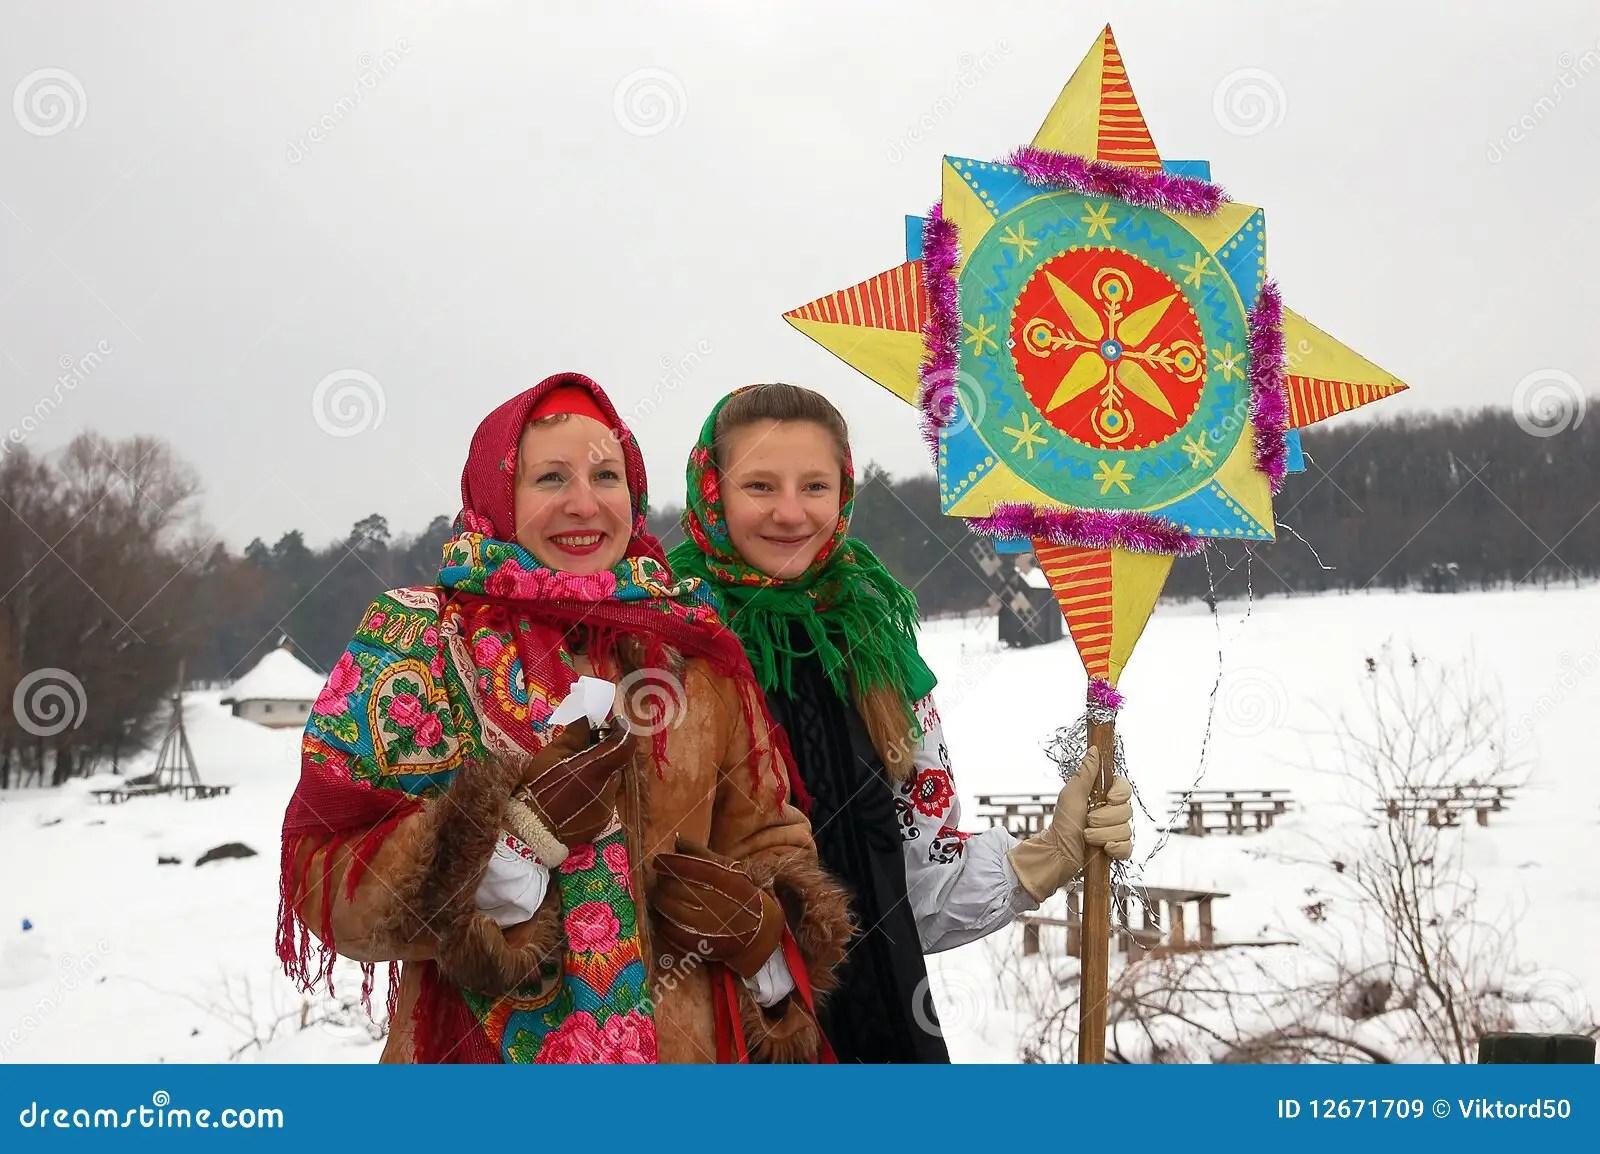 Ukrainian Christmas Editorial Stock Image Image 12671709